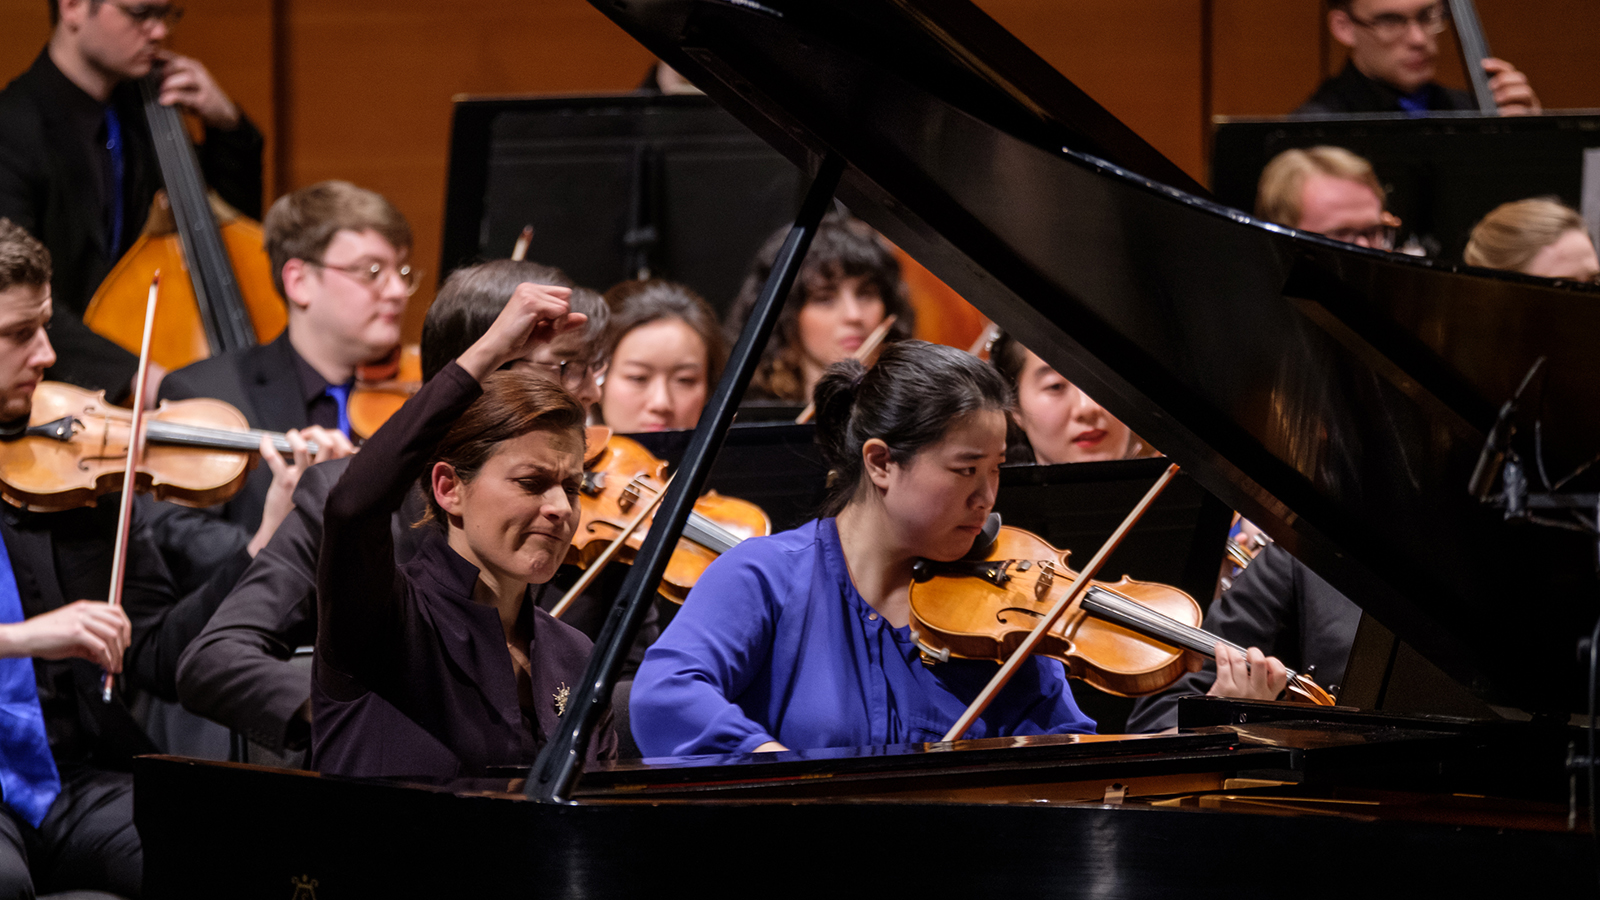 [Clara Schumann &Brahms' German Requiem] Photo by David DeNee